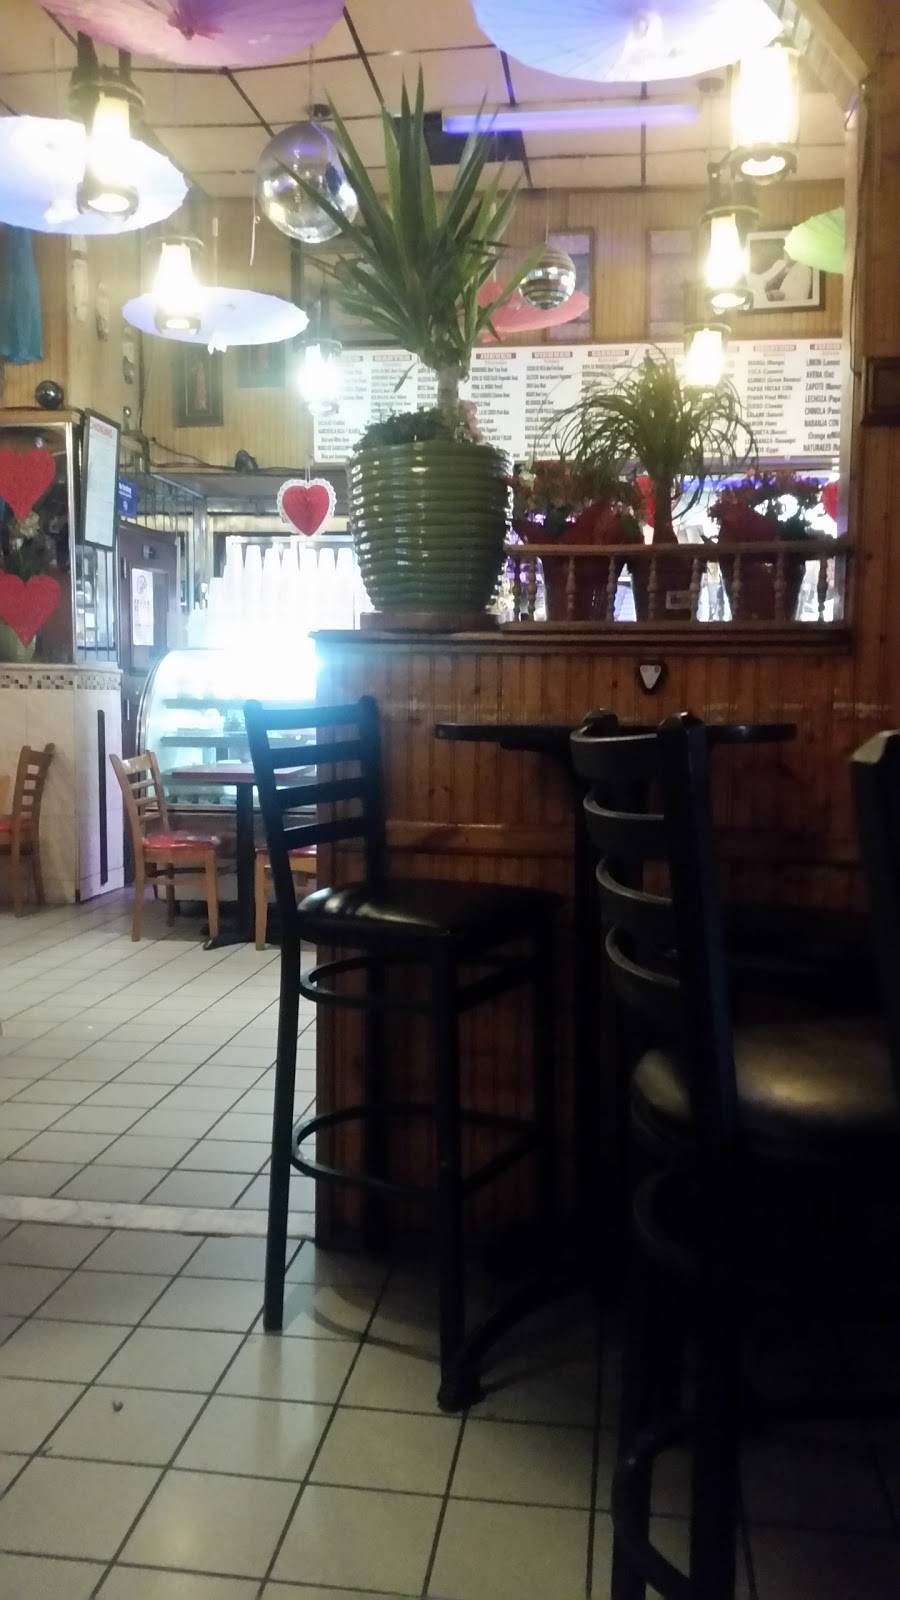 Shalon   restaurant   2734 Jerome Ave, Bronx, NY 10468, USA   7185631636 OR +1 718-563-1636